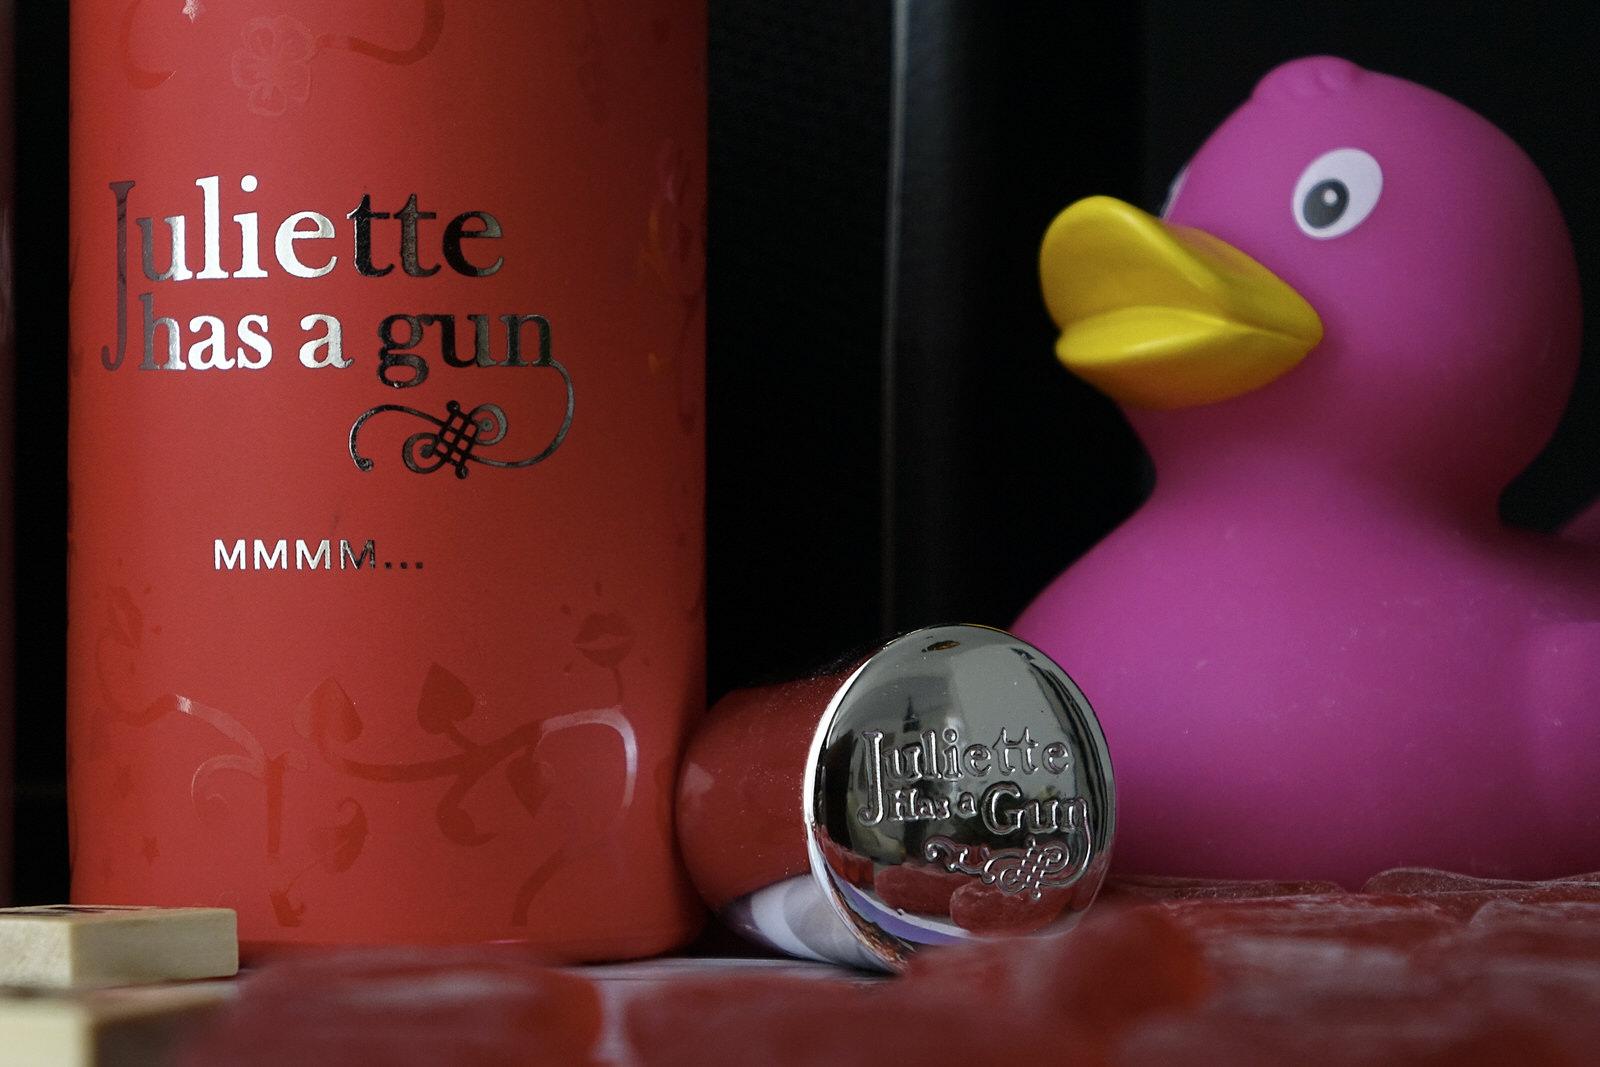 MMMM le parfum gourmand de Juliette Has a Gun